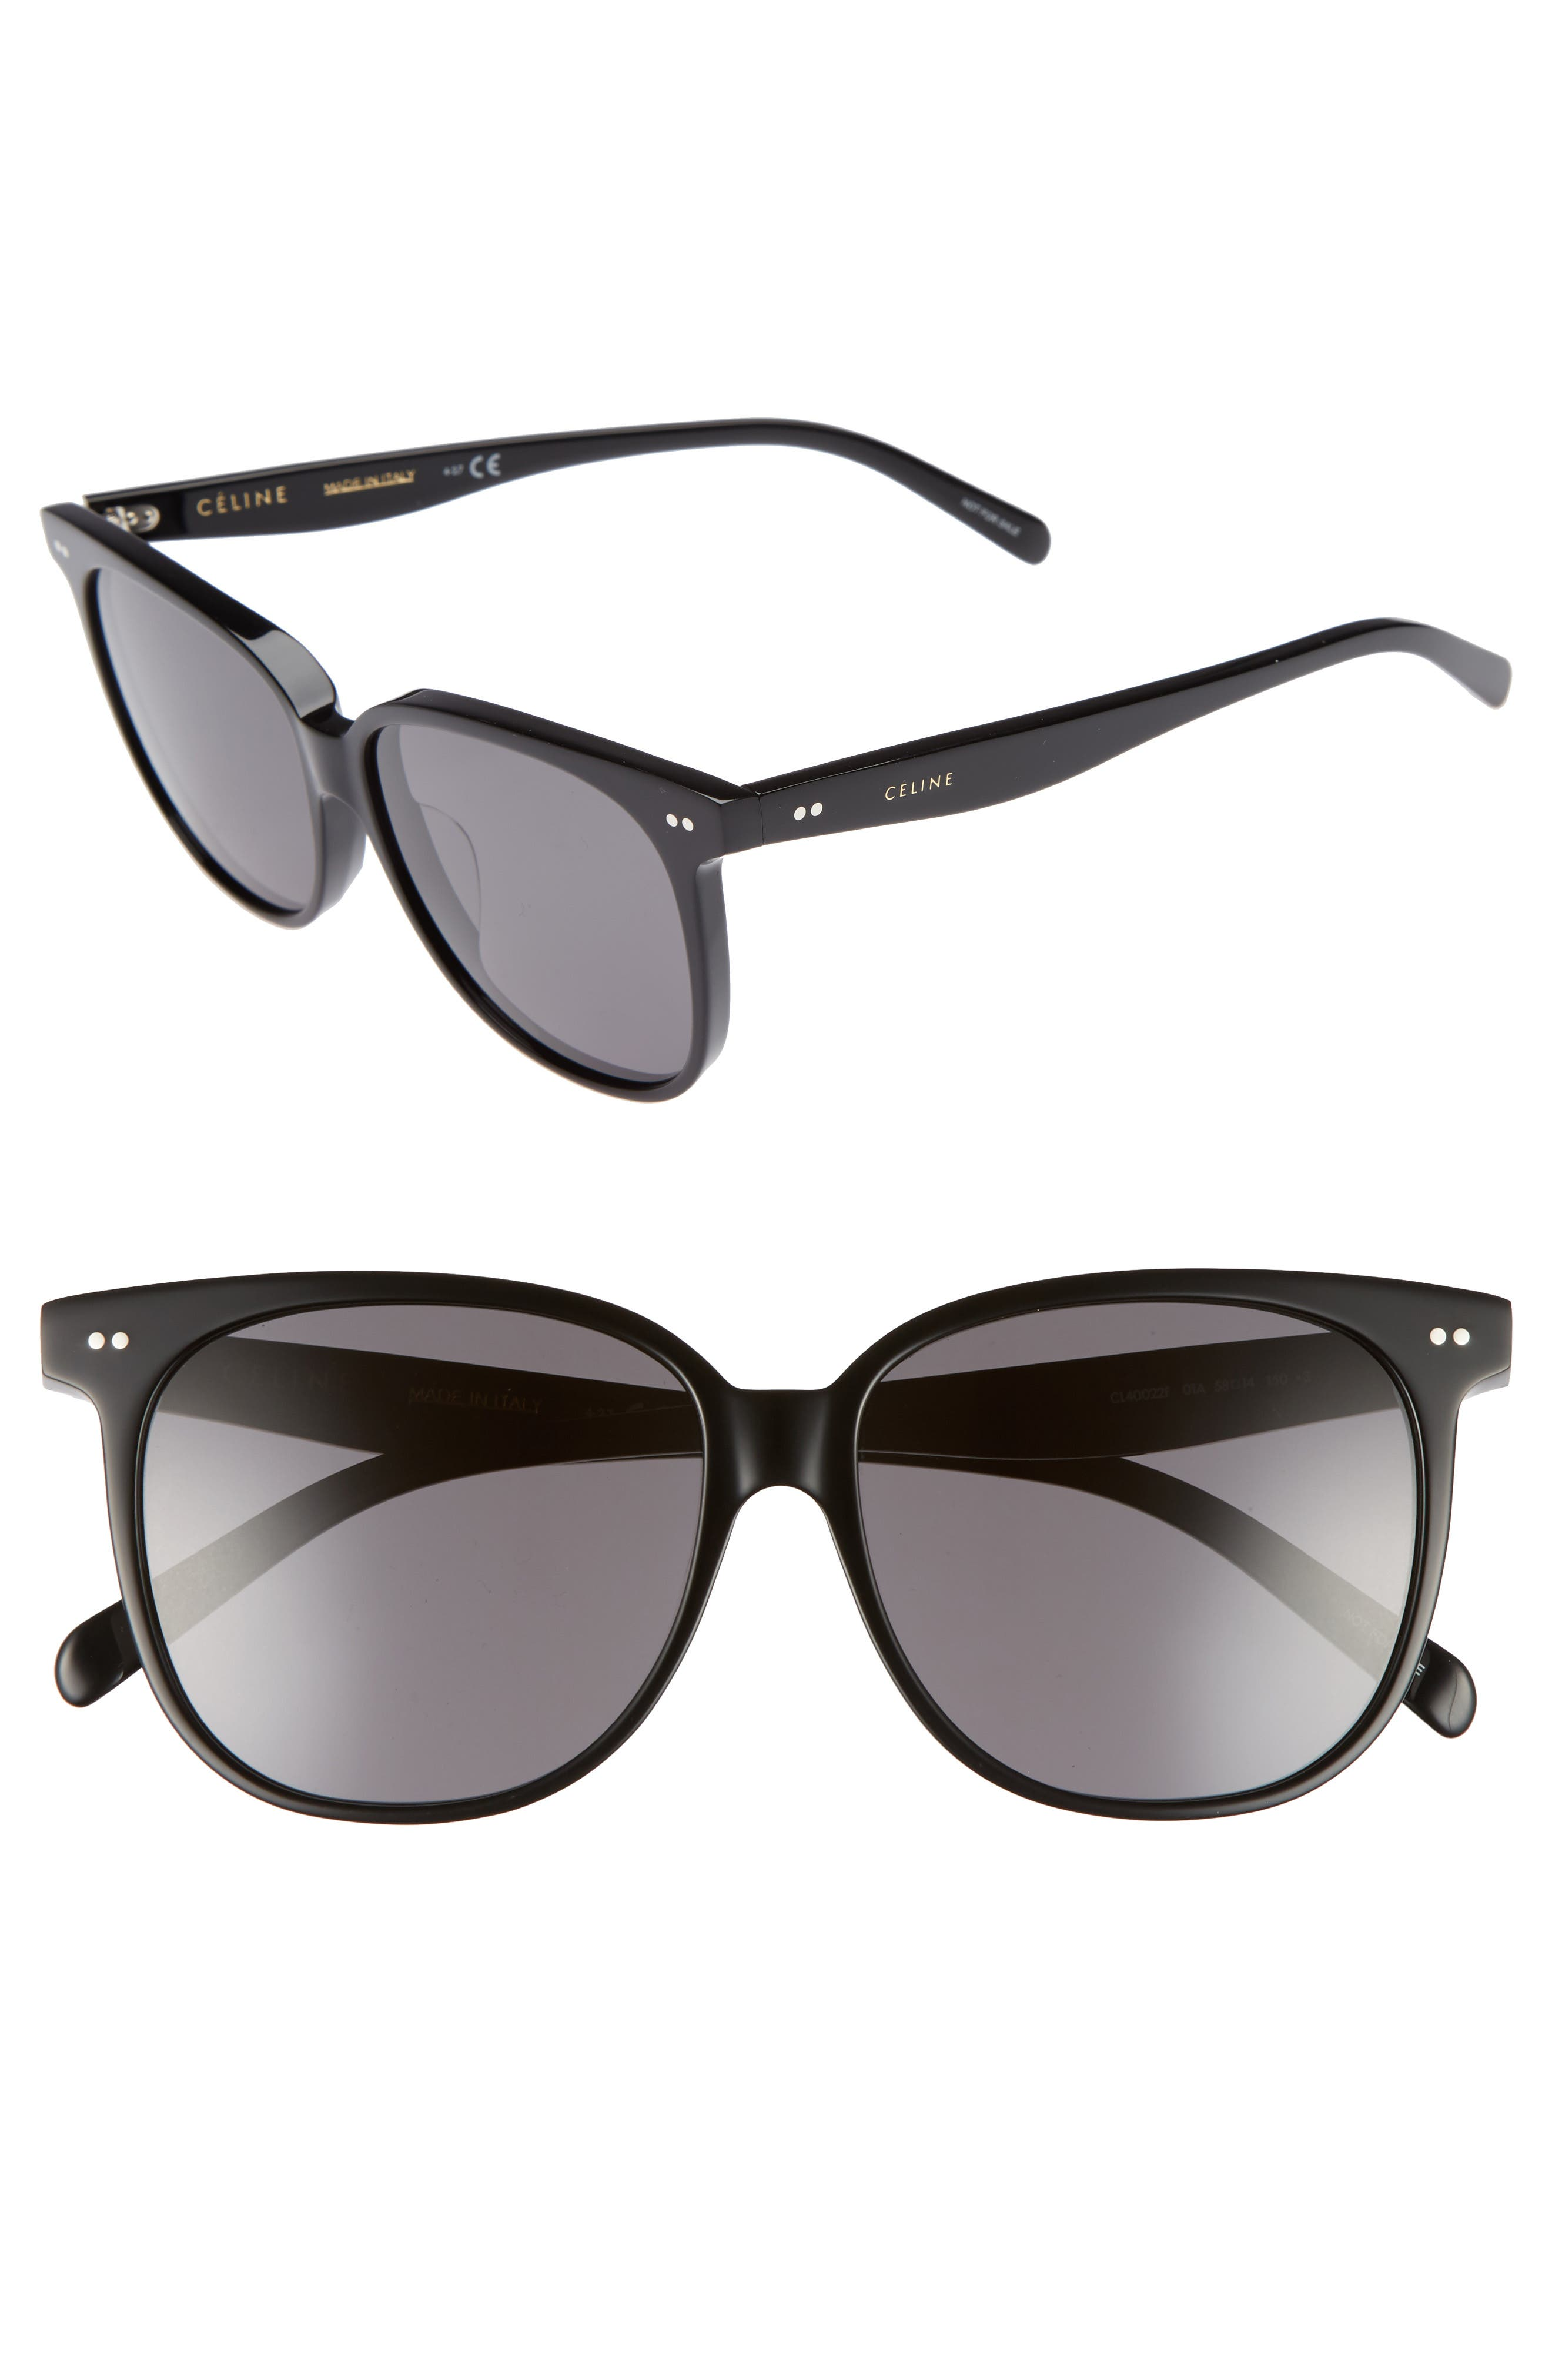 Céline Special Fit 58mm Square Sunglasses